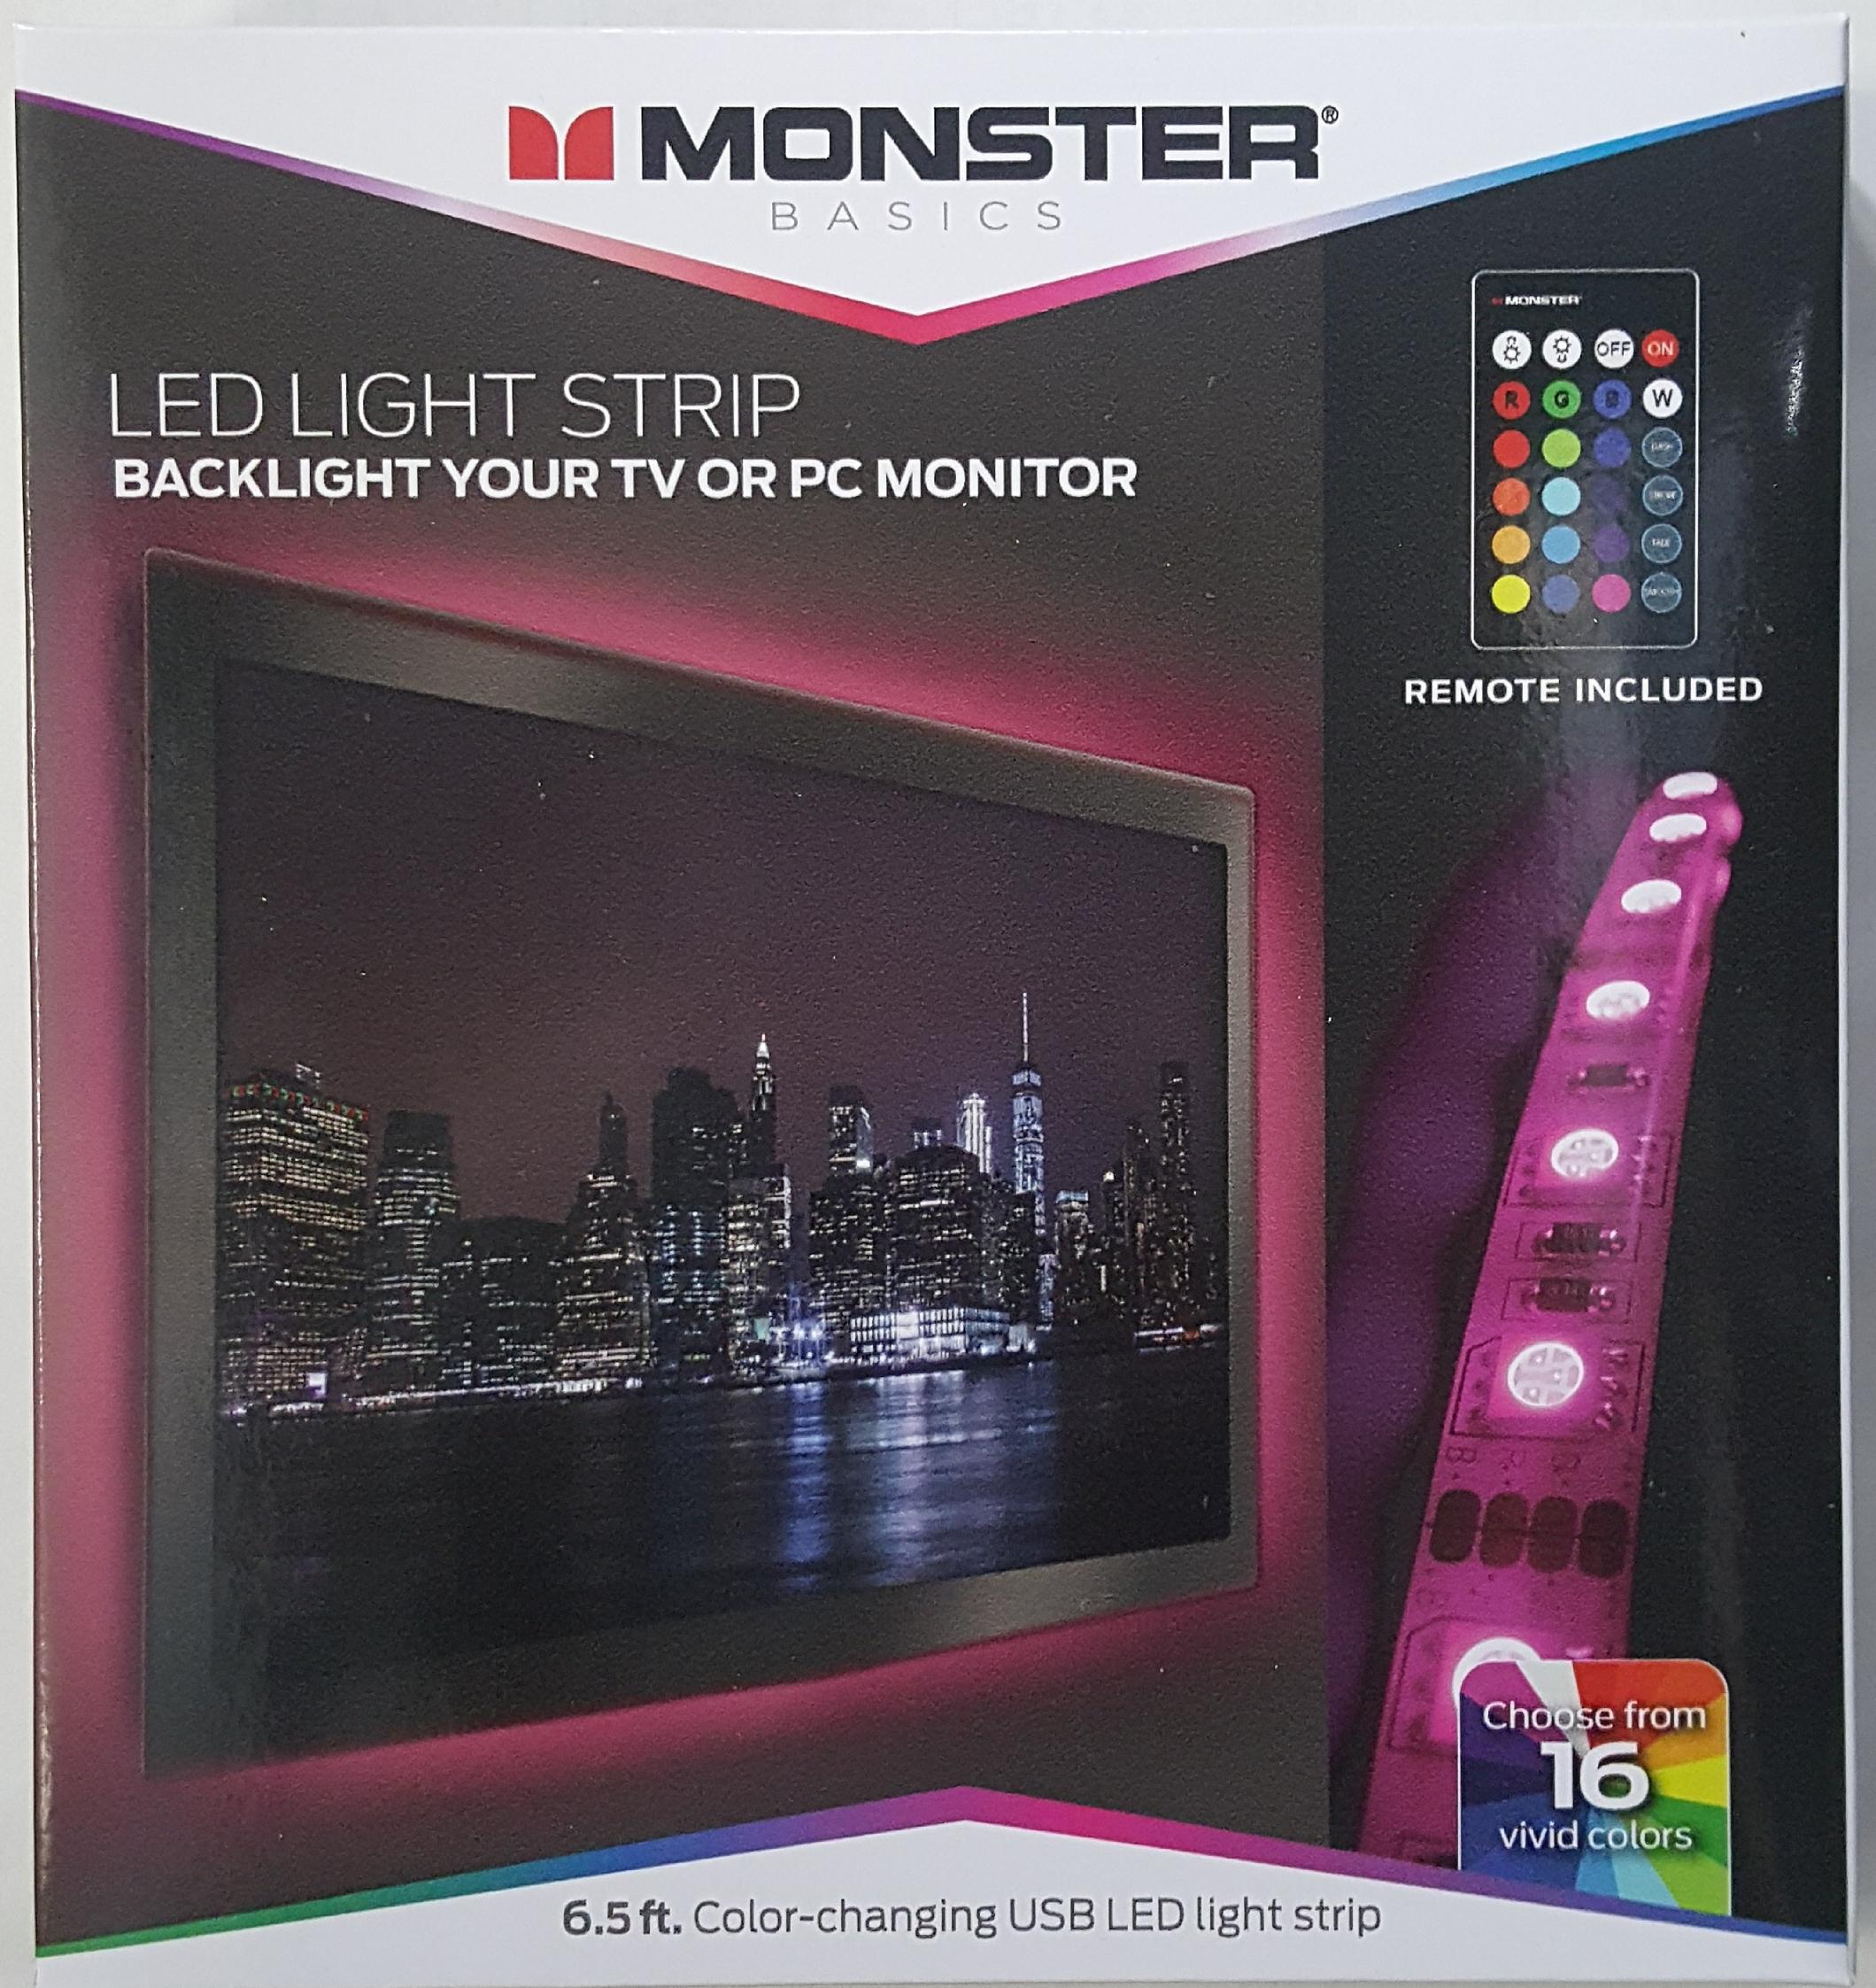 Avanceret Monster Color Changing USB LED Light Strip - 6.5ft - Walmart.com GE38